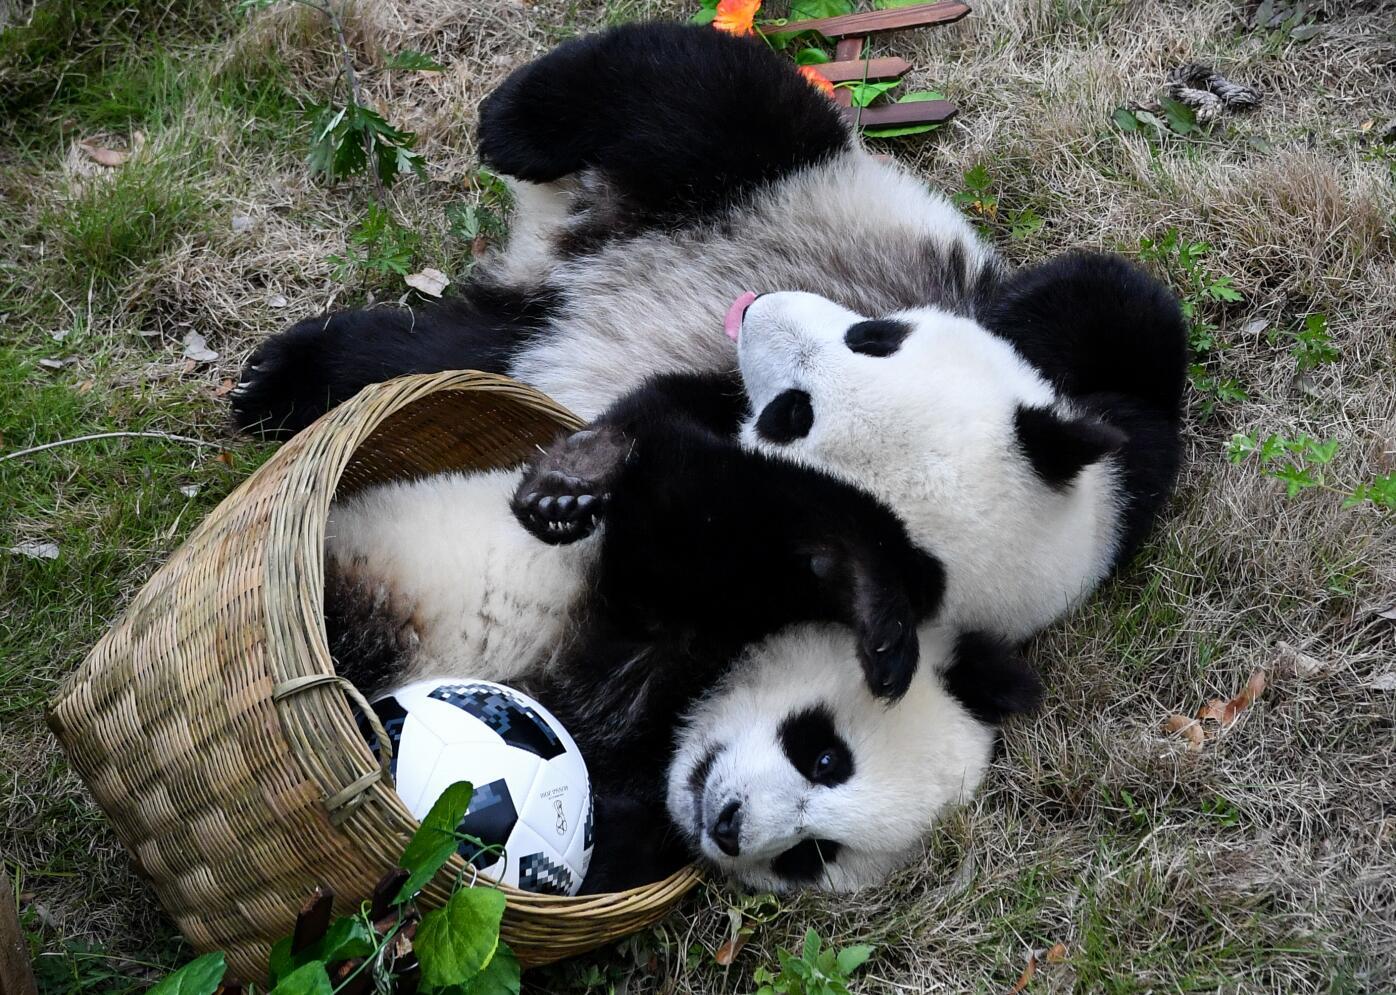 兩隻熊貓寶寶在「爭球」